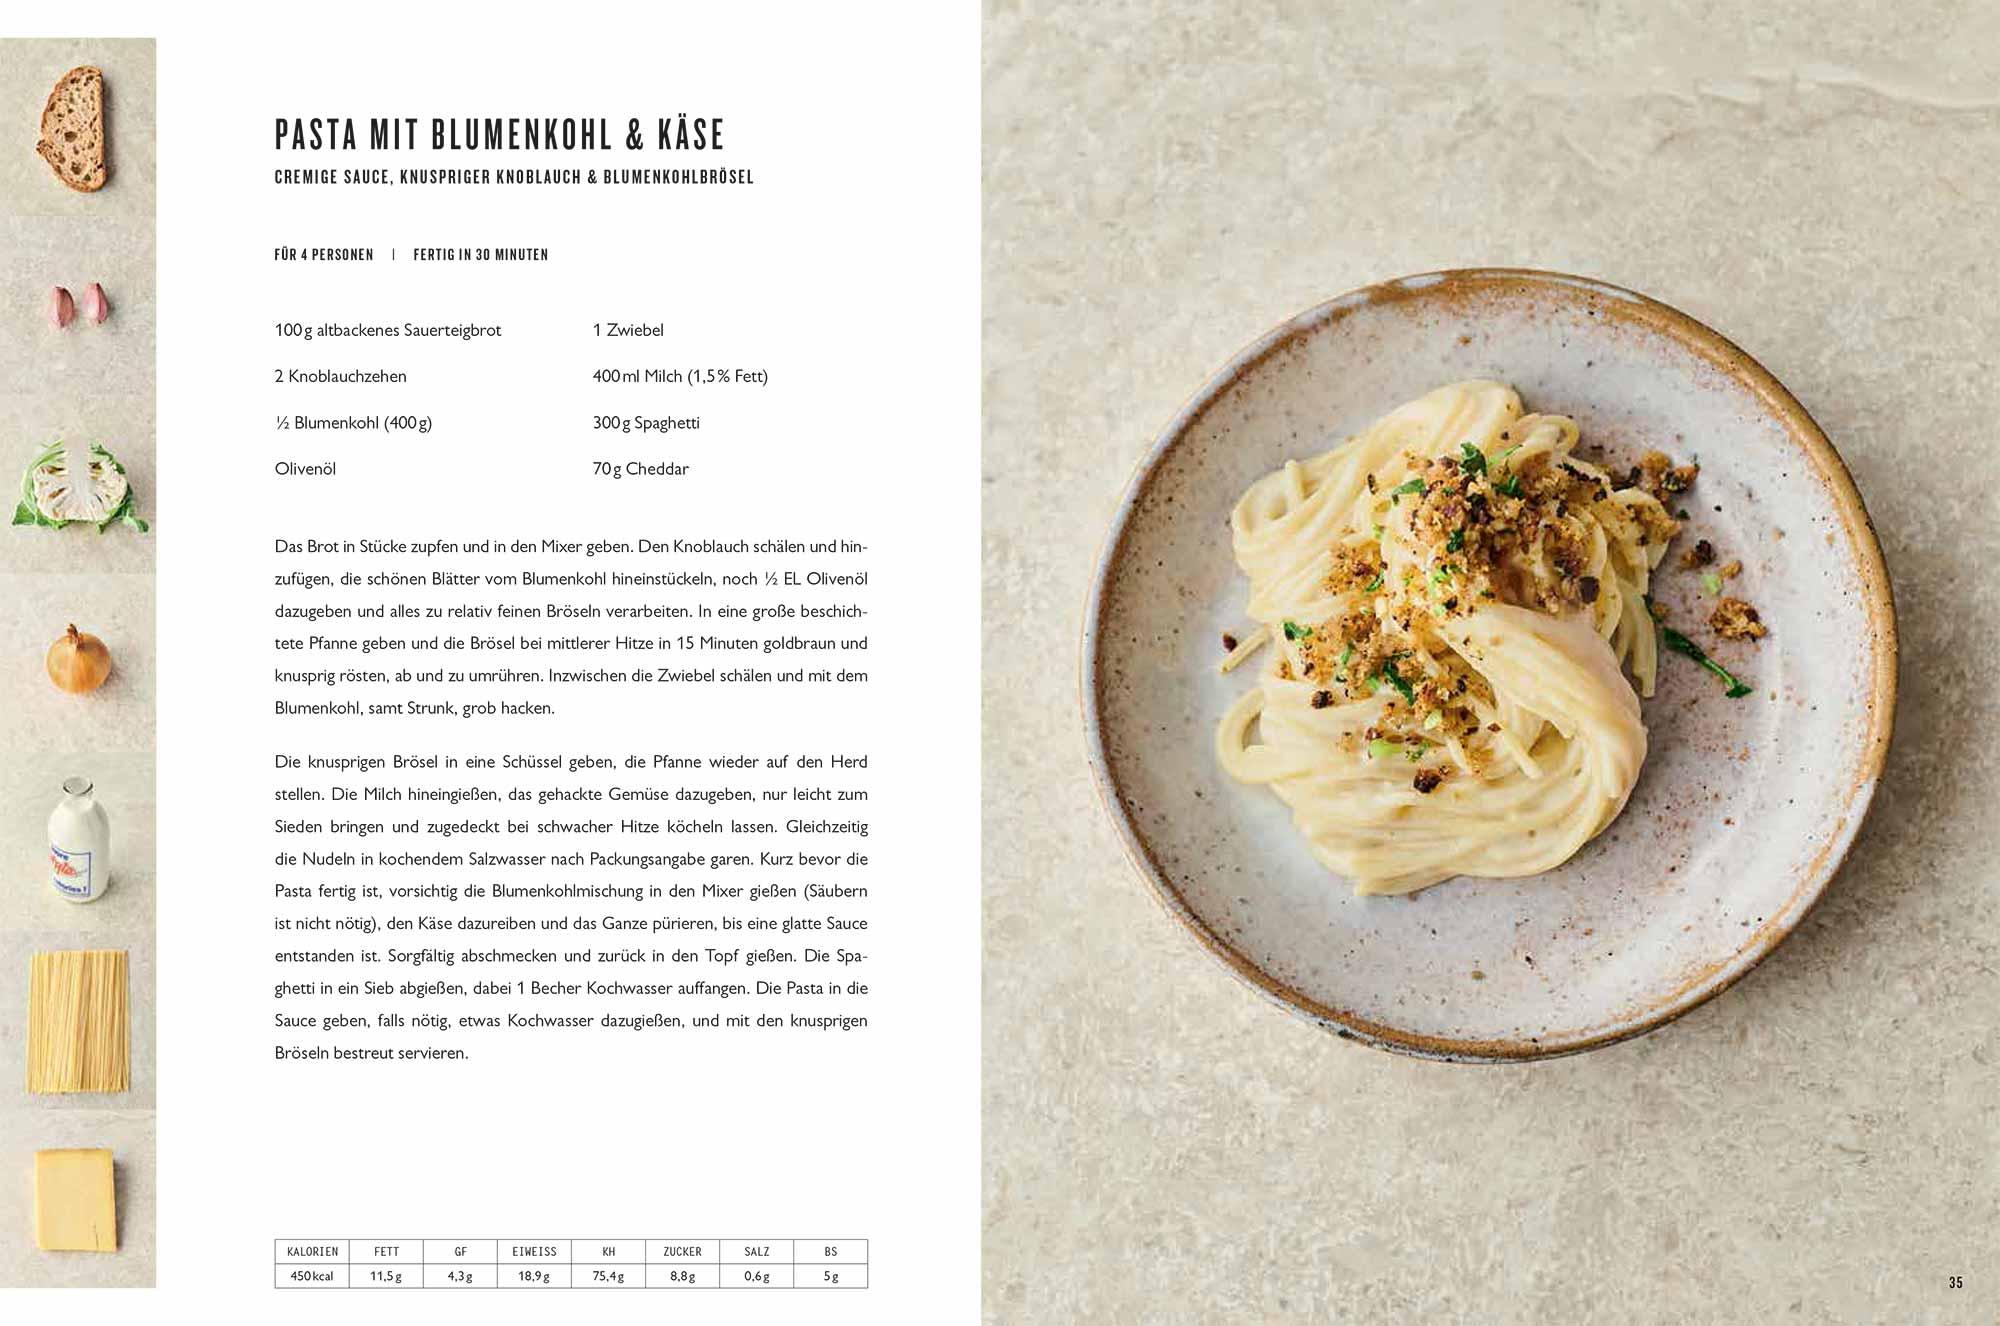 Jamie Oliver 7 mal anders 7 Ways Pasta mit Blumenkohl und Käse